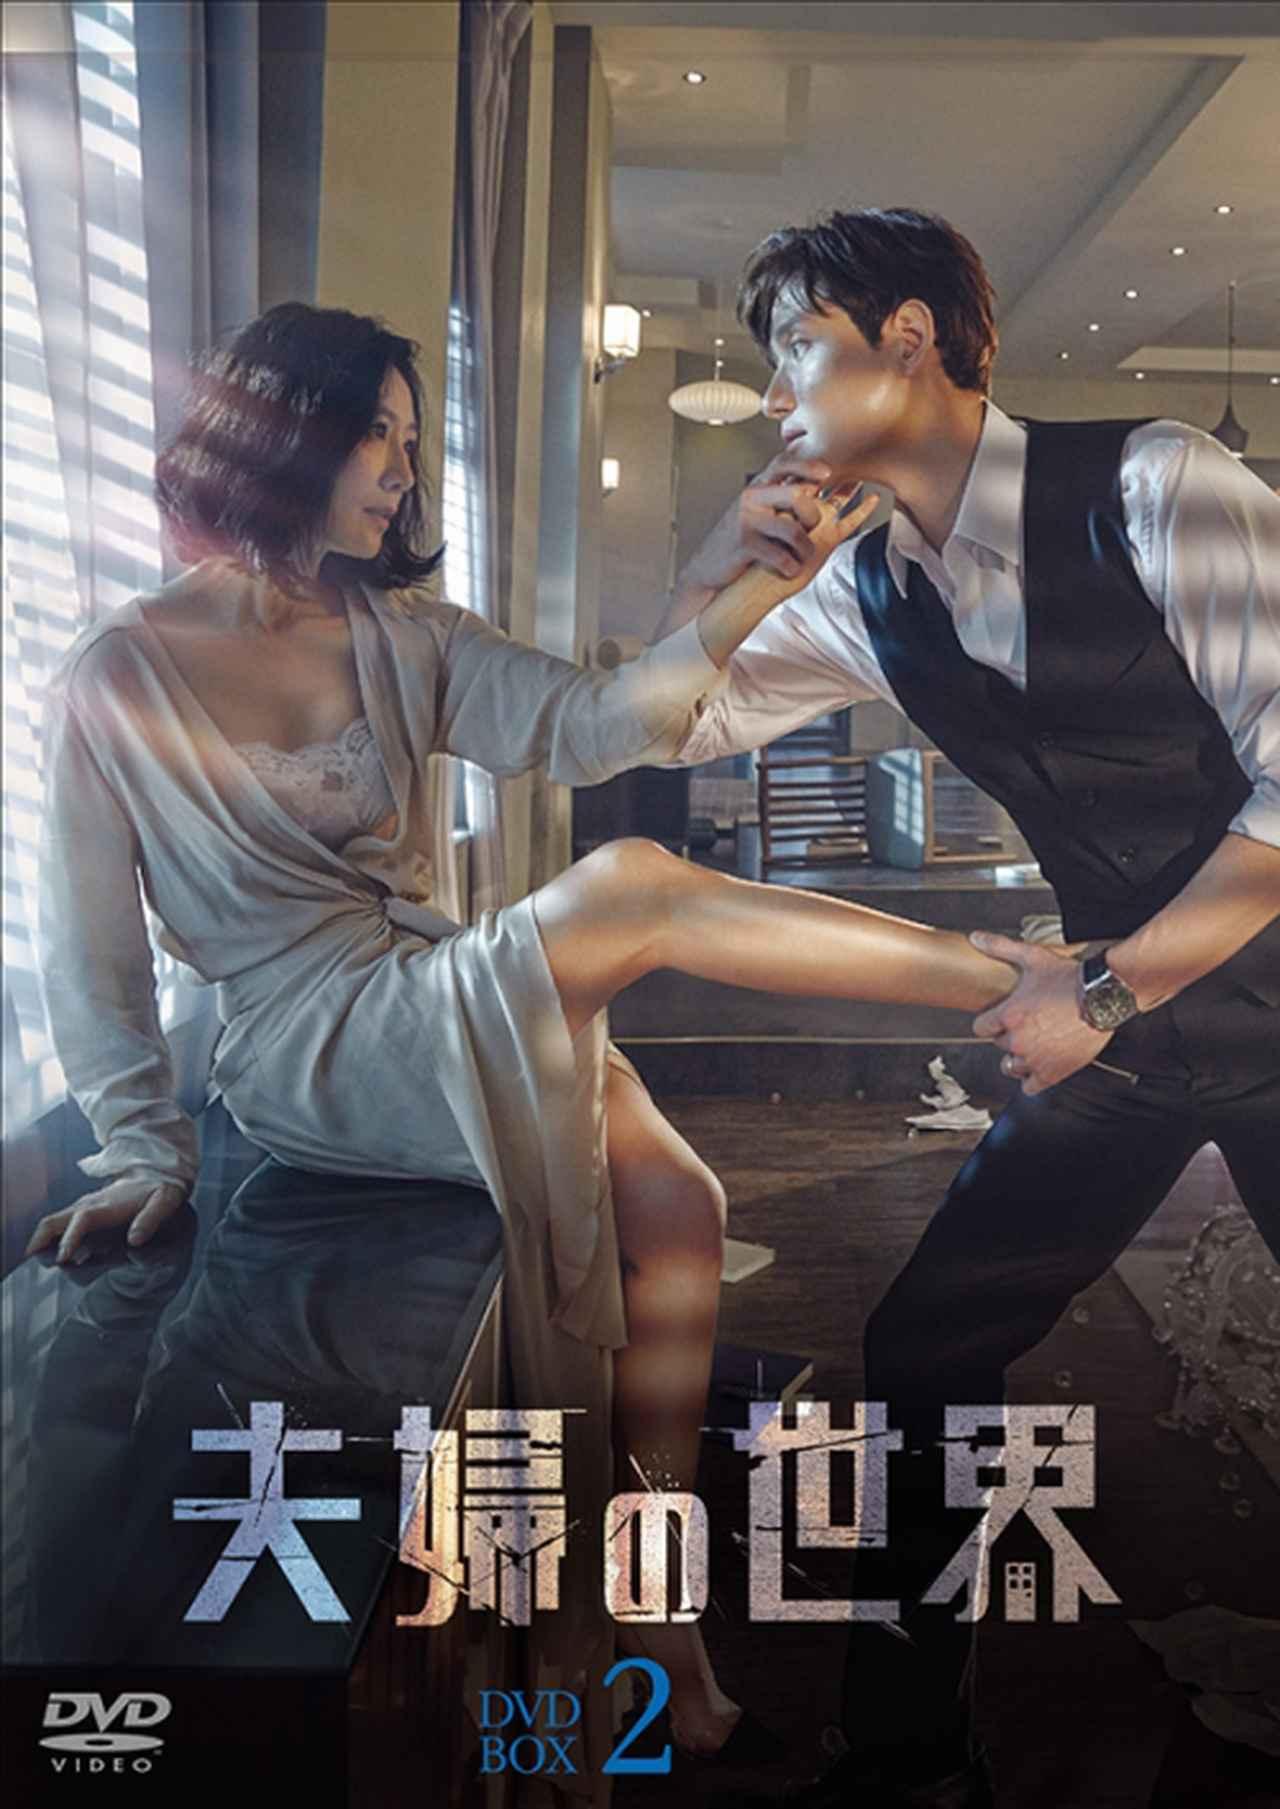 画像: 夫婦の世界 DVD-BOX2   TCエンタテインメント株式会社